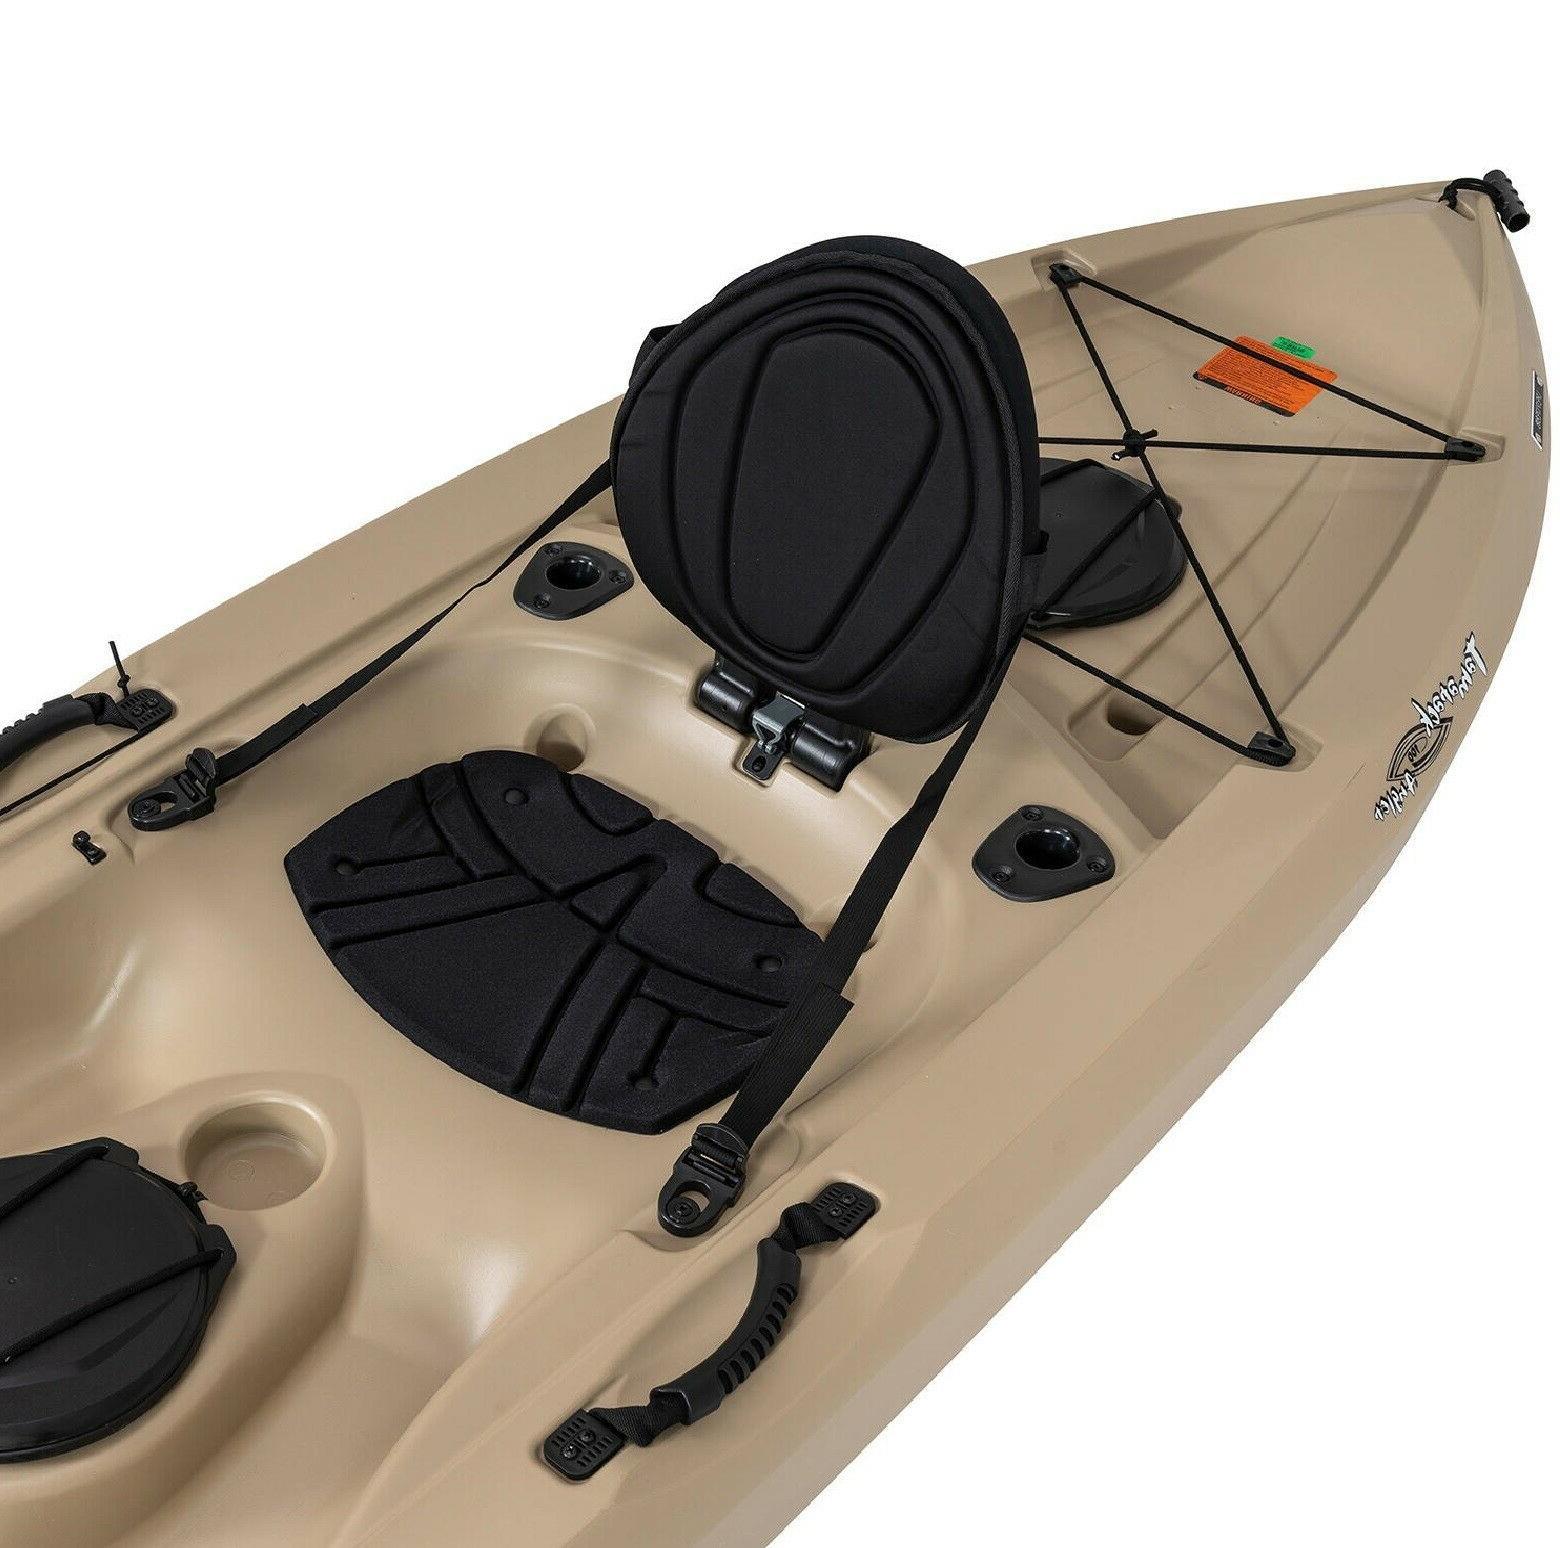 Lifetime 10' Kayak, Sit On Fishing -